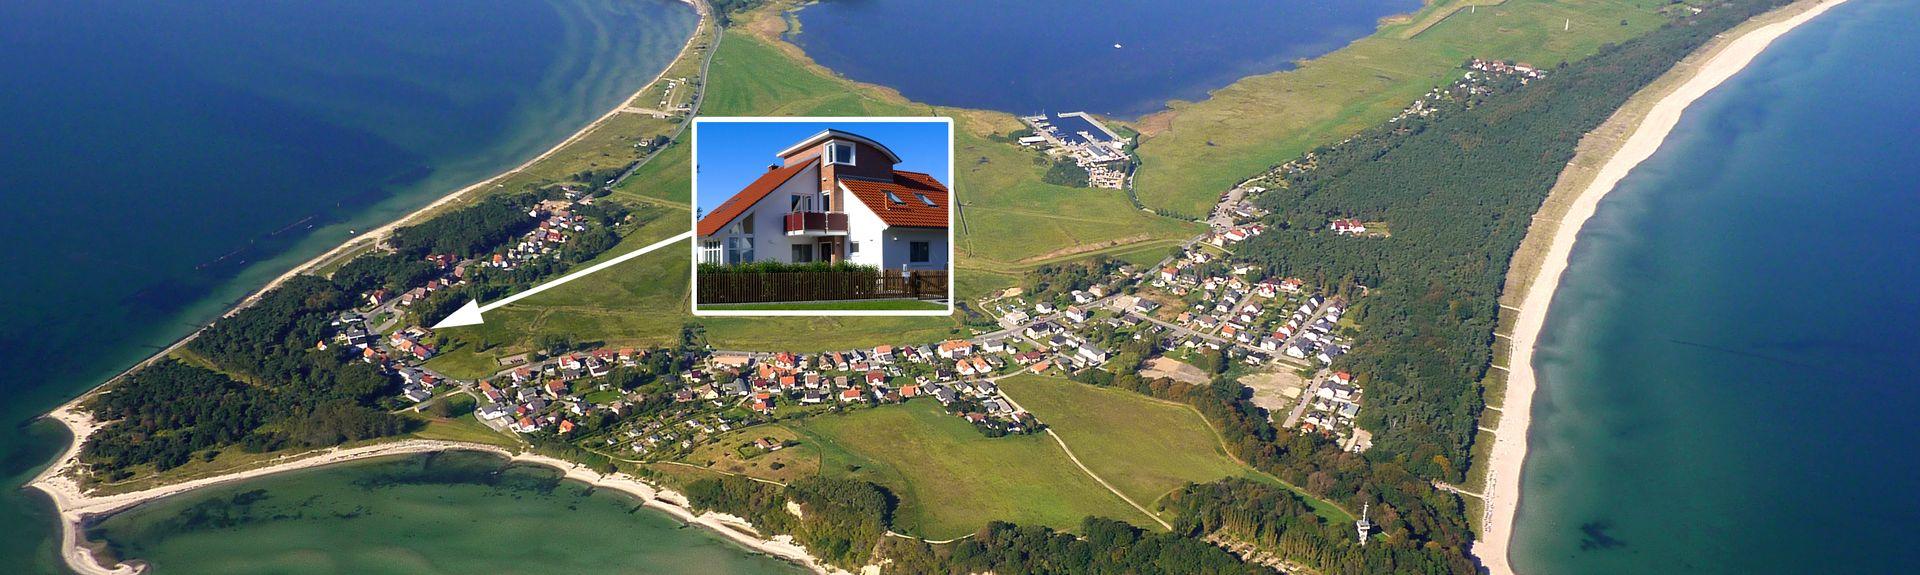 Bahnhof Wolgast Hafen, Wolgast, Mecklenburg-Vorpommern, Deutschland